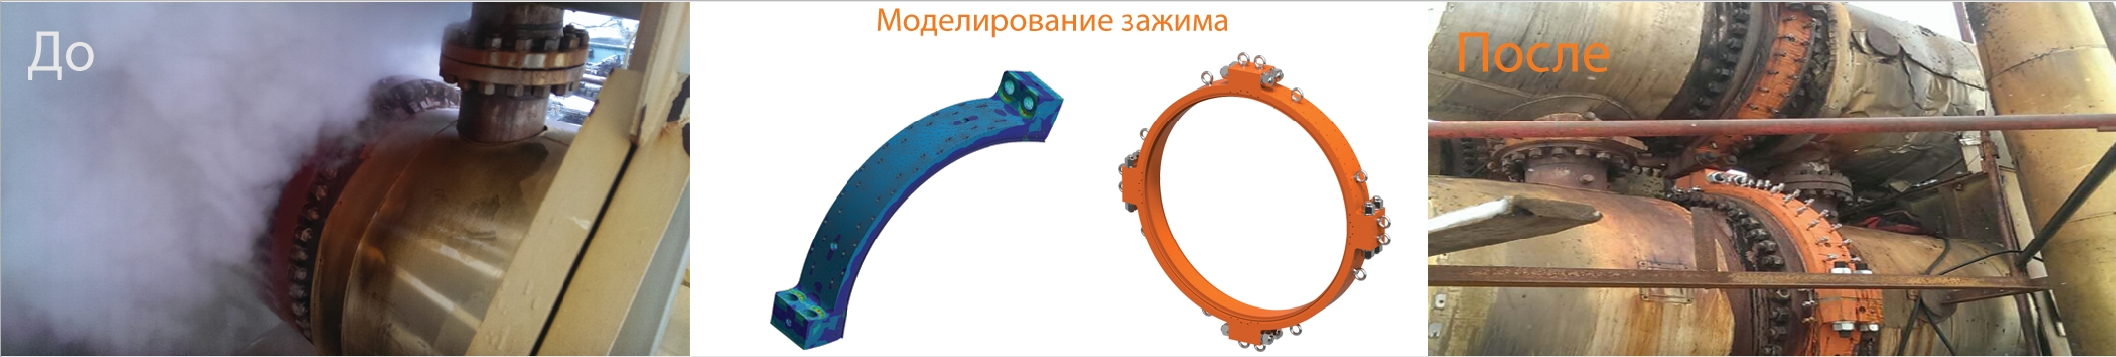 Рис. 1. Утечка на фланцевом соединении Dу = 1200 мм. Рабочие параметры: транспортируемая среда – пар; давление – 3,8 МПа, температура 250°С